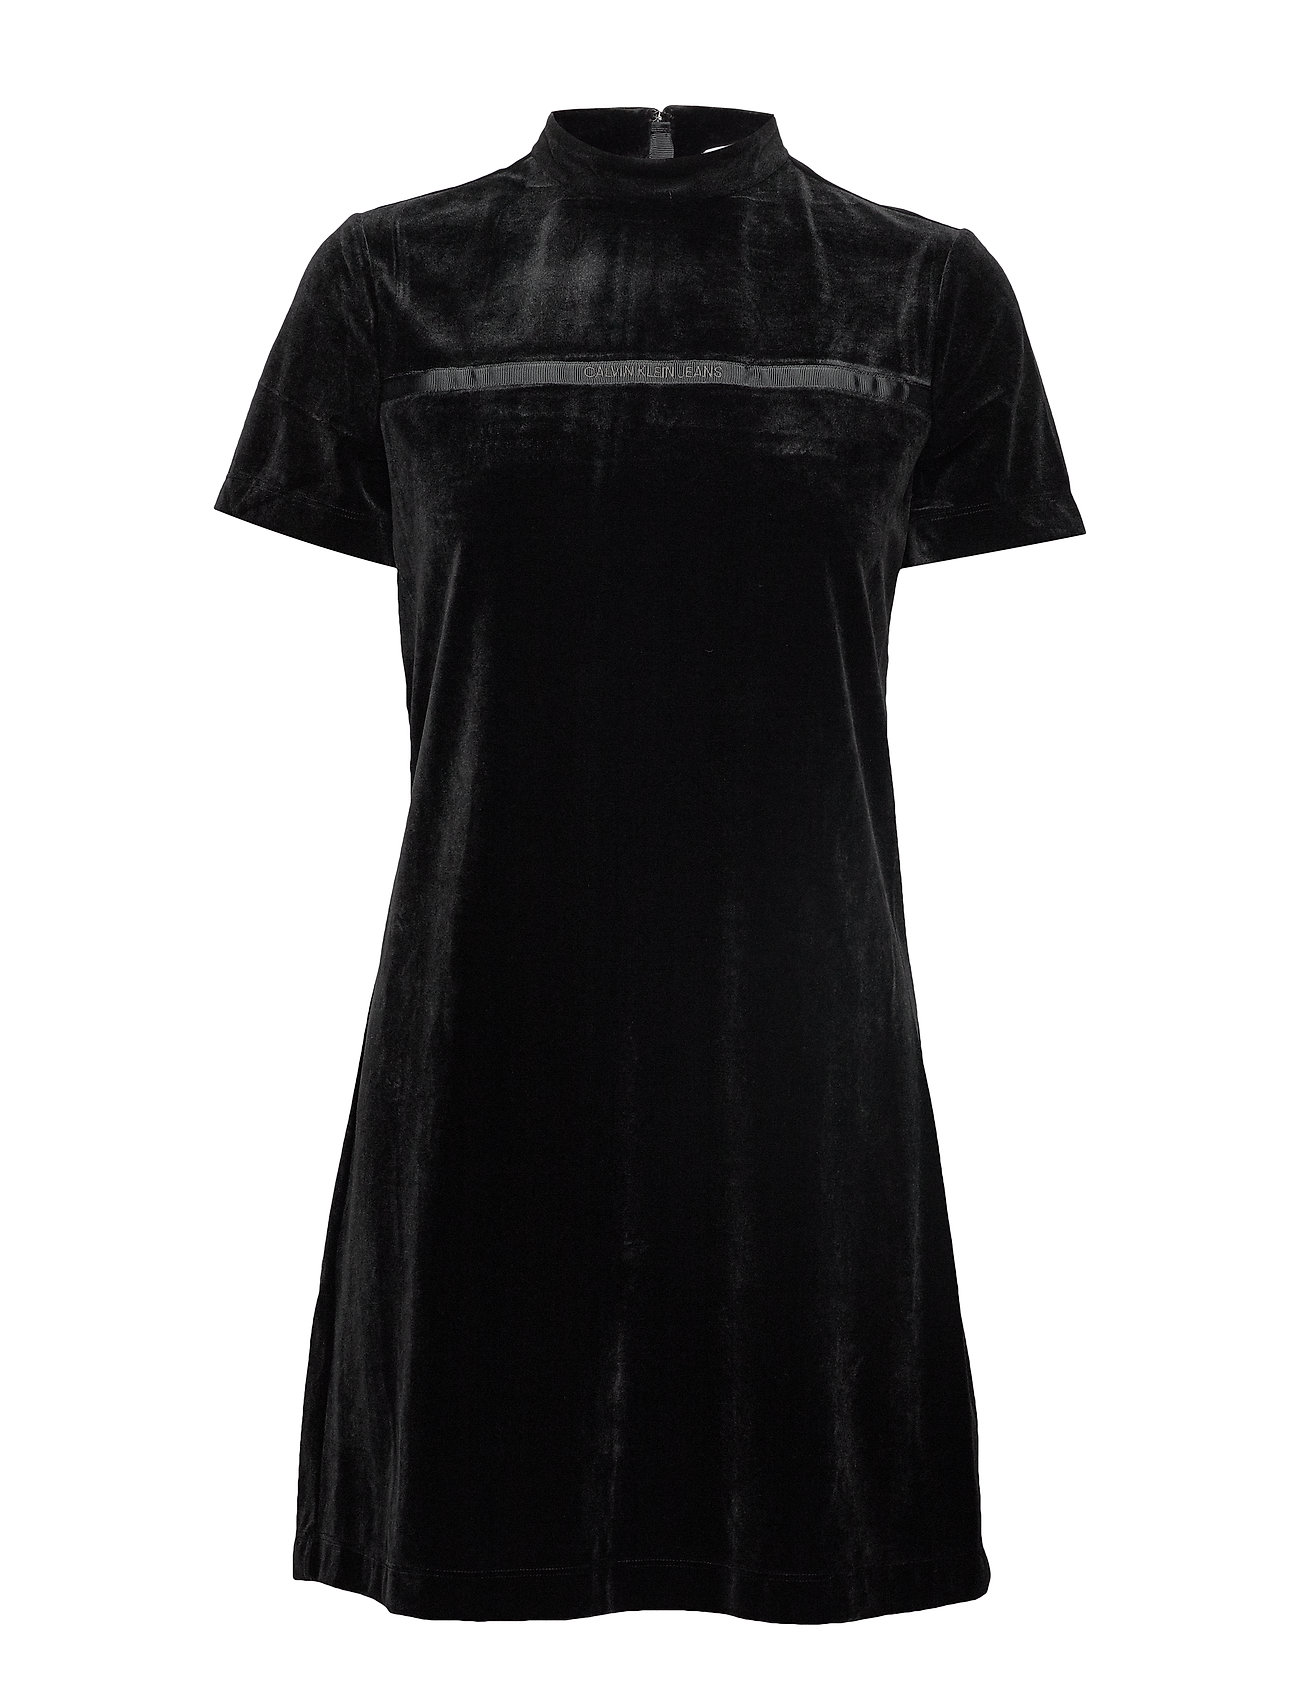 Calvin Klein Jeans VELVET MOCK NECK DRESS - CK BLACK